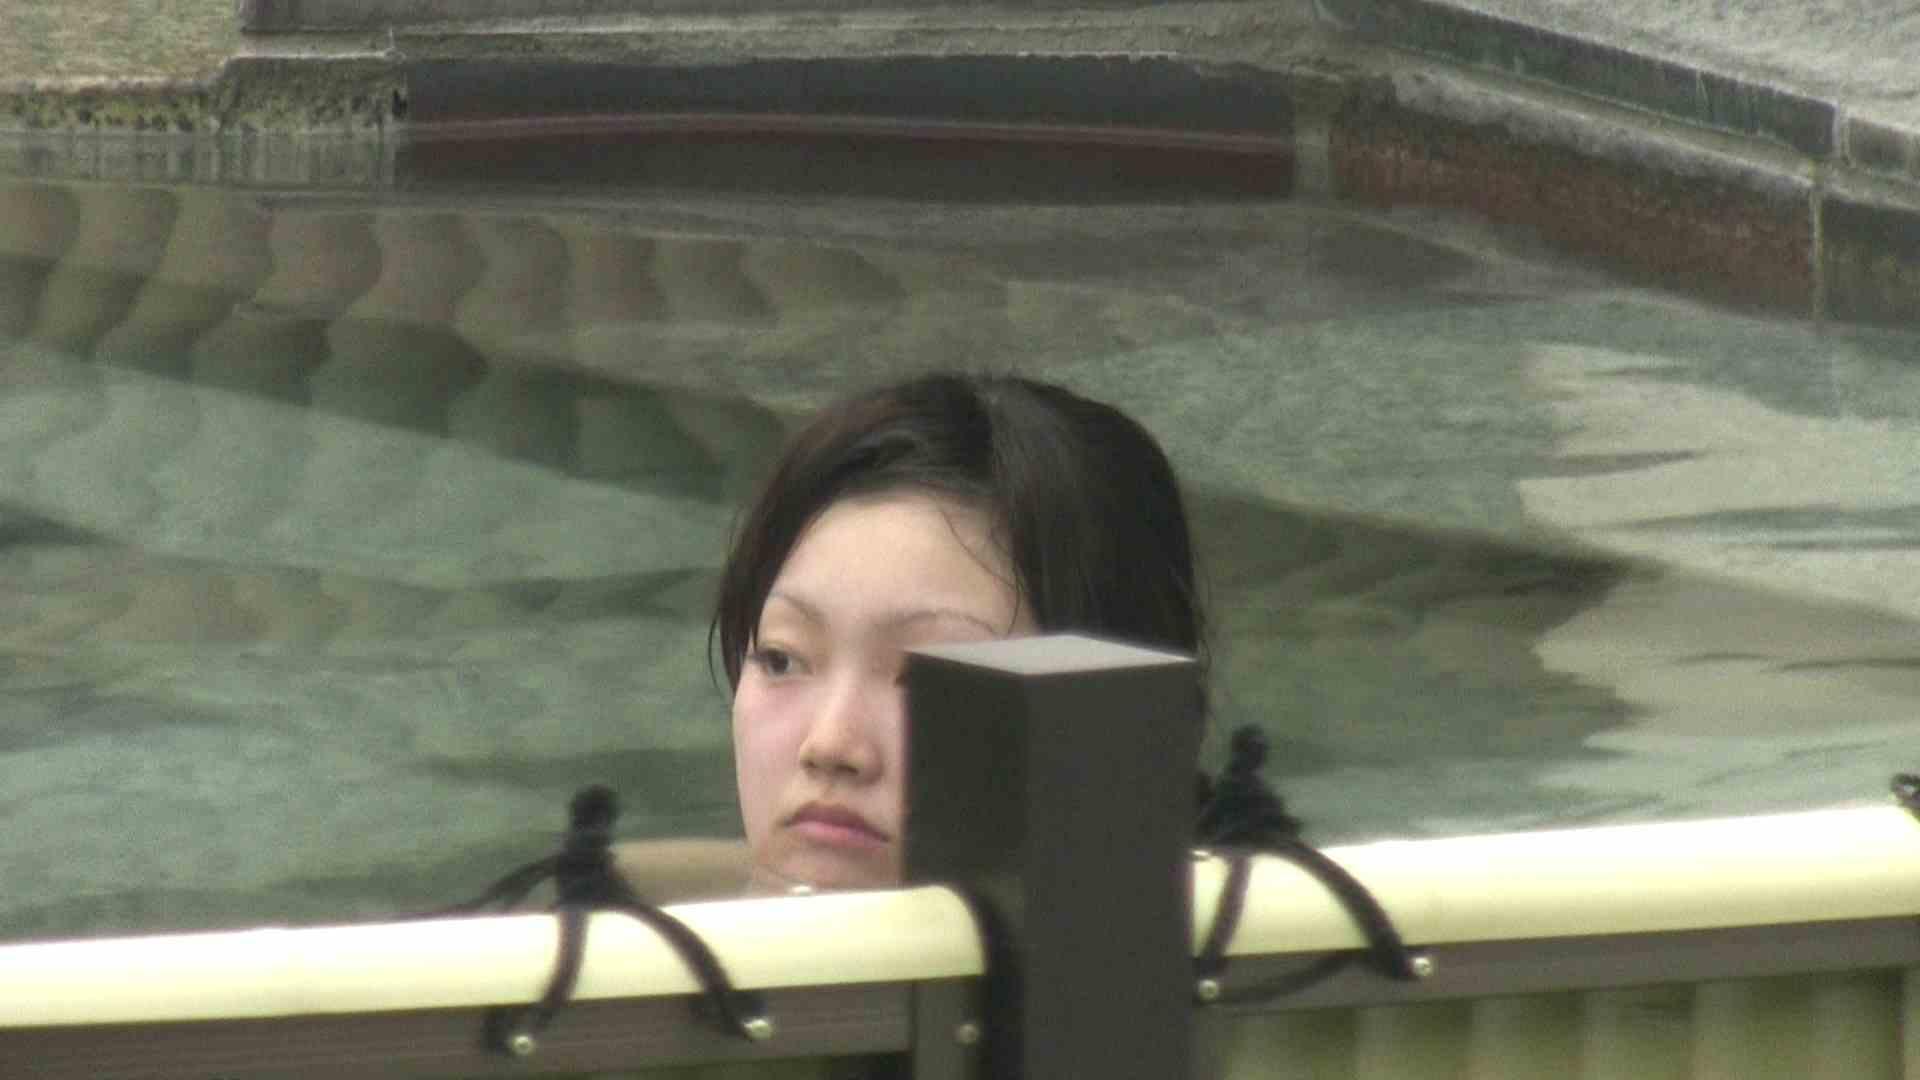 Aquaな露天風呂Vol.126 露天風呂 | 盗撮  72連発 19